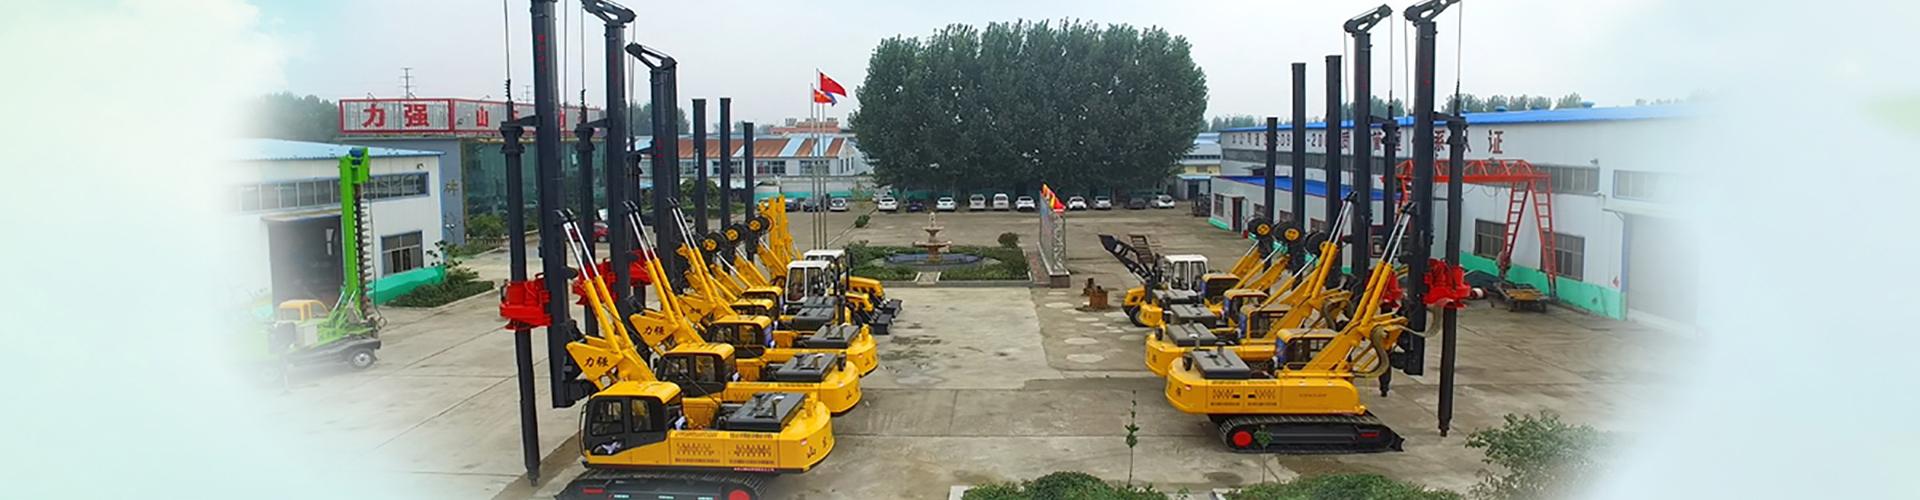 旋挖鉆機系列產品展示